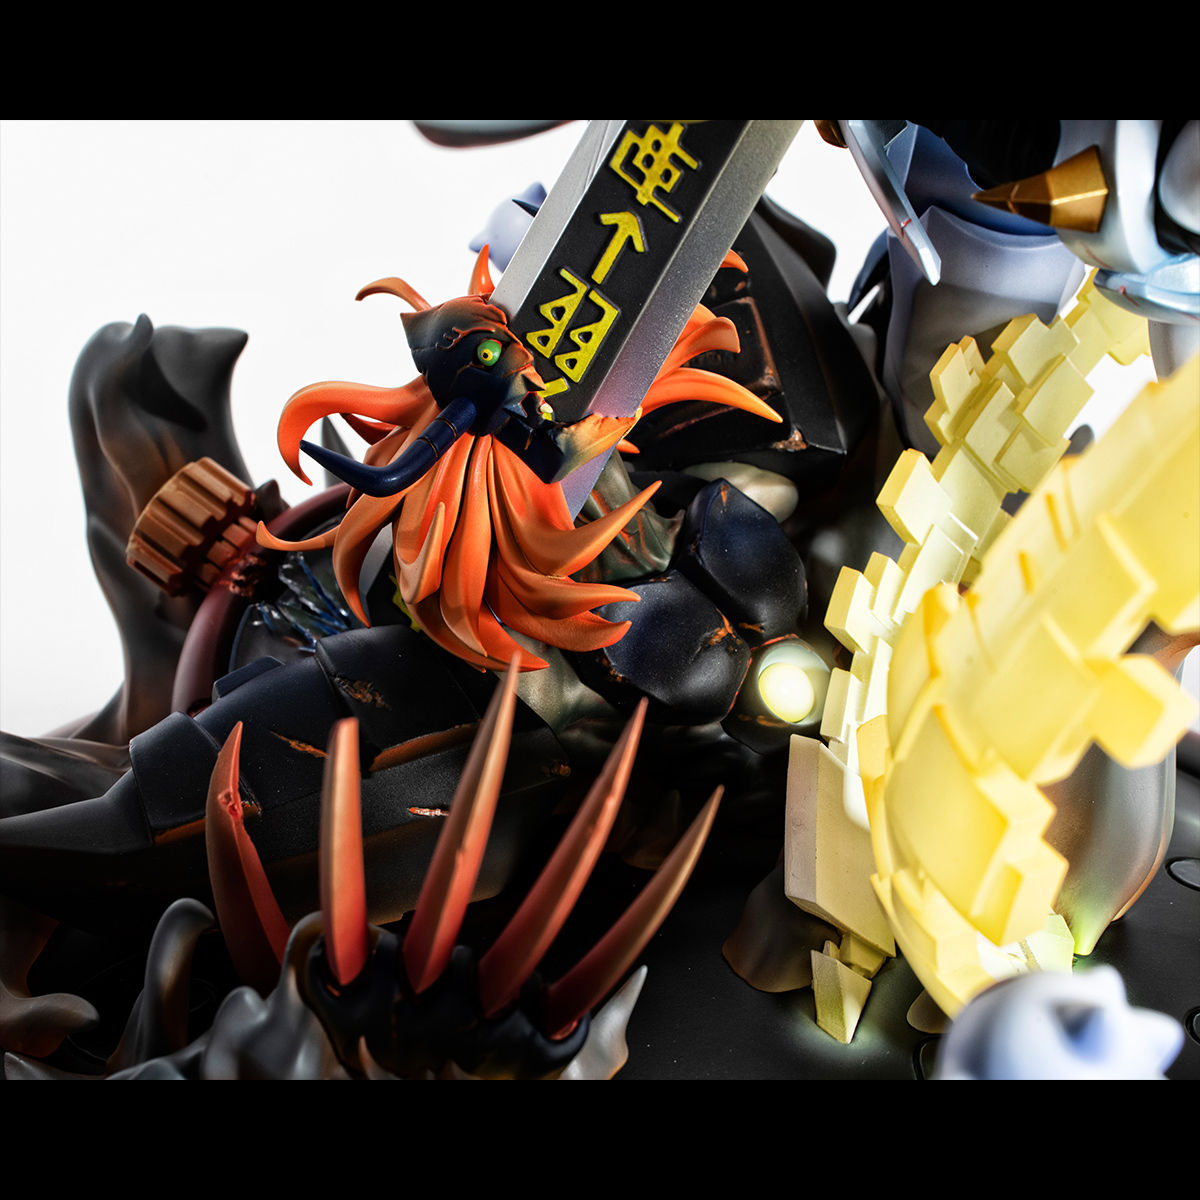 【限定販売】V.S.シリーズ『オメガモン vs ディアボロモン』デジモンアドベンチャー ぼくらのウォーゲーム! 完成品フィギュア-009